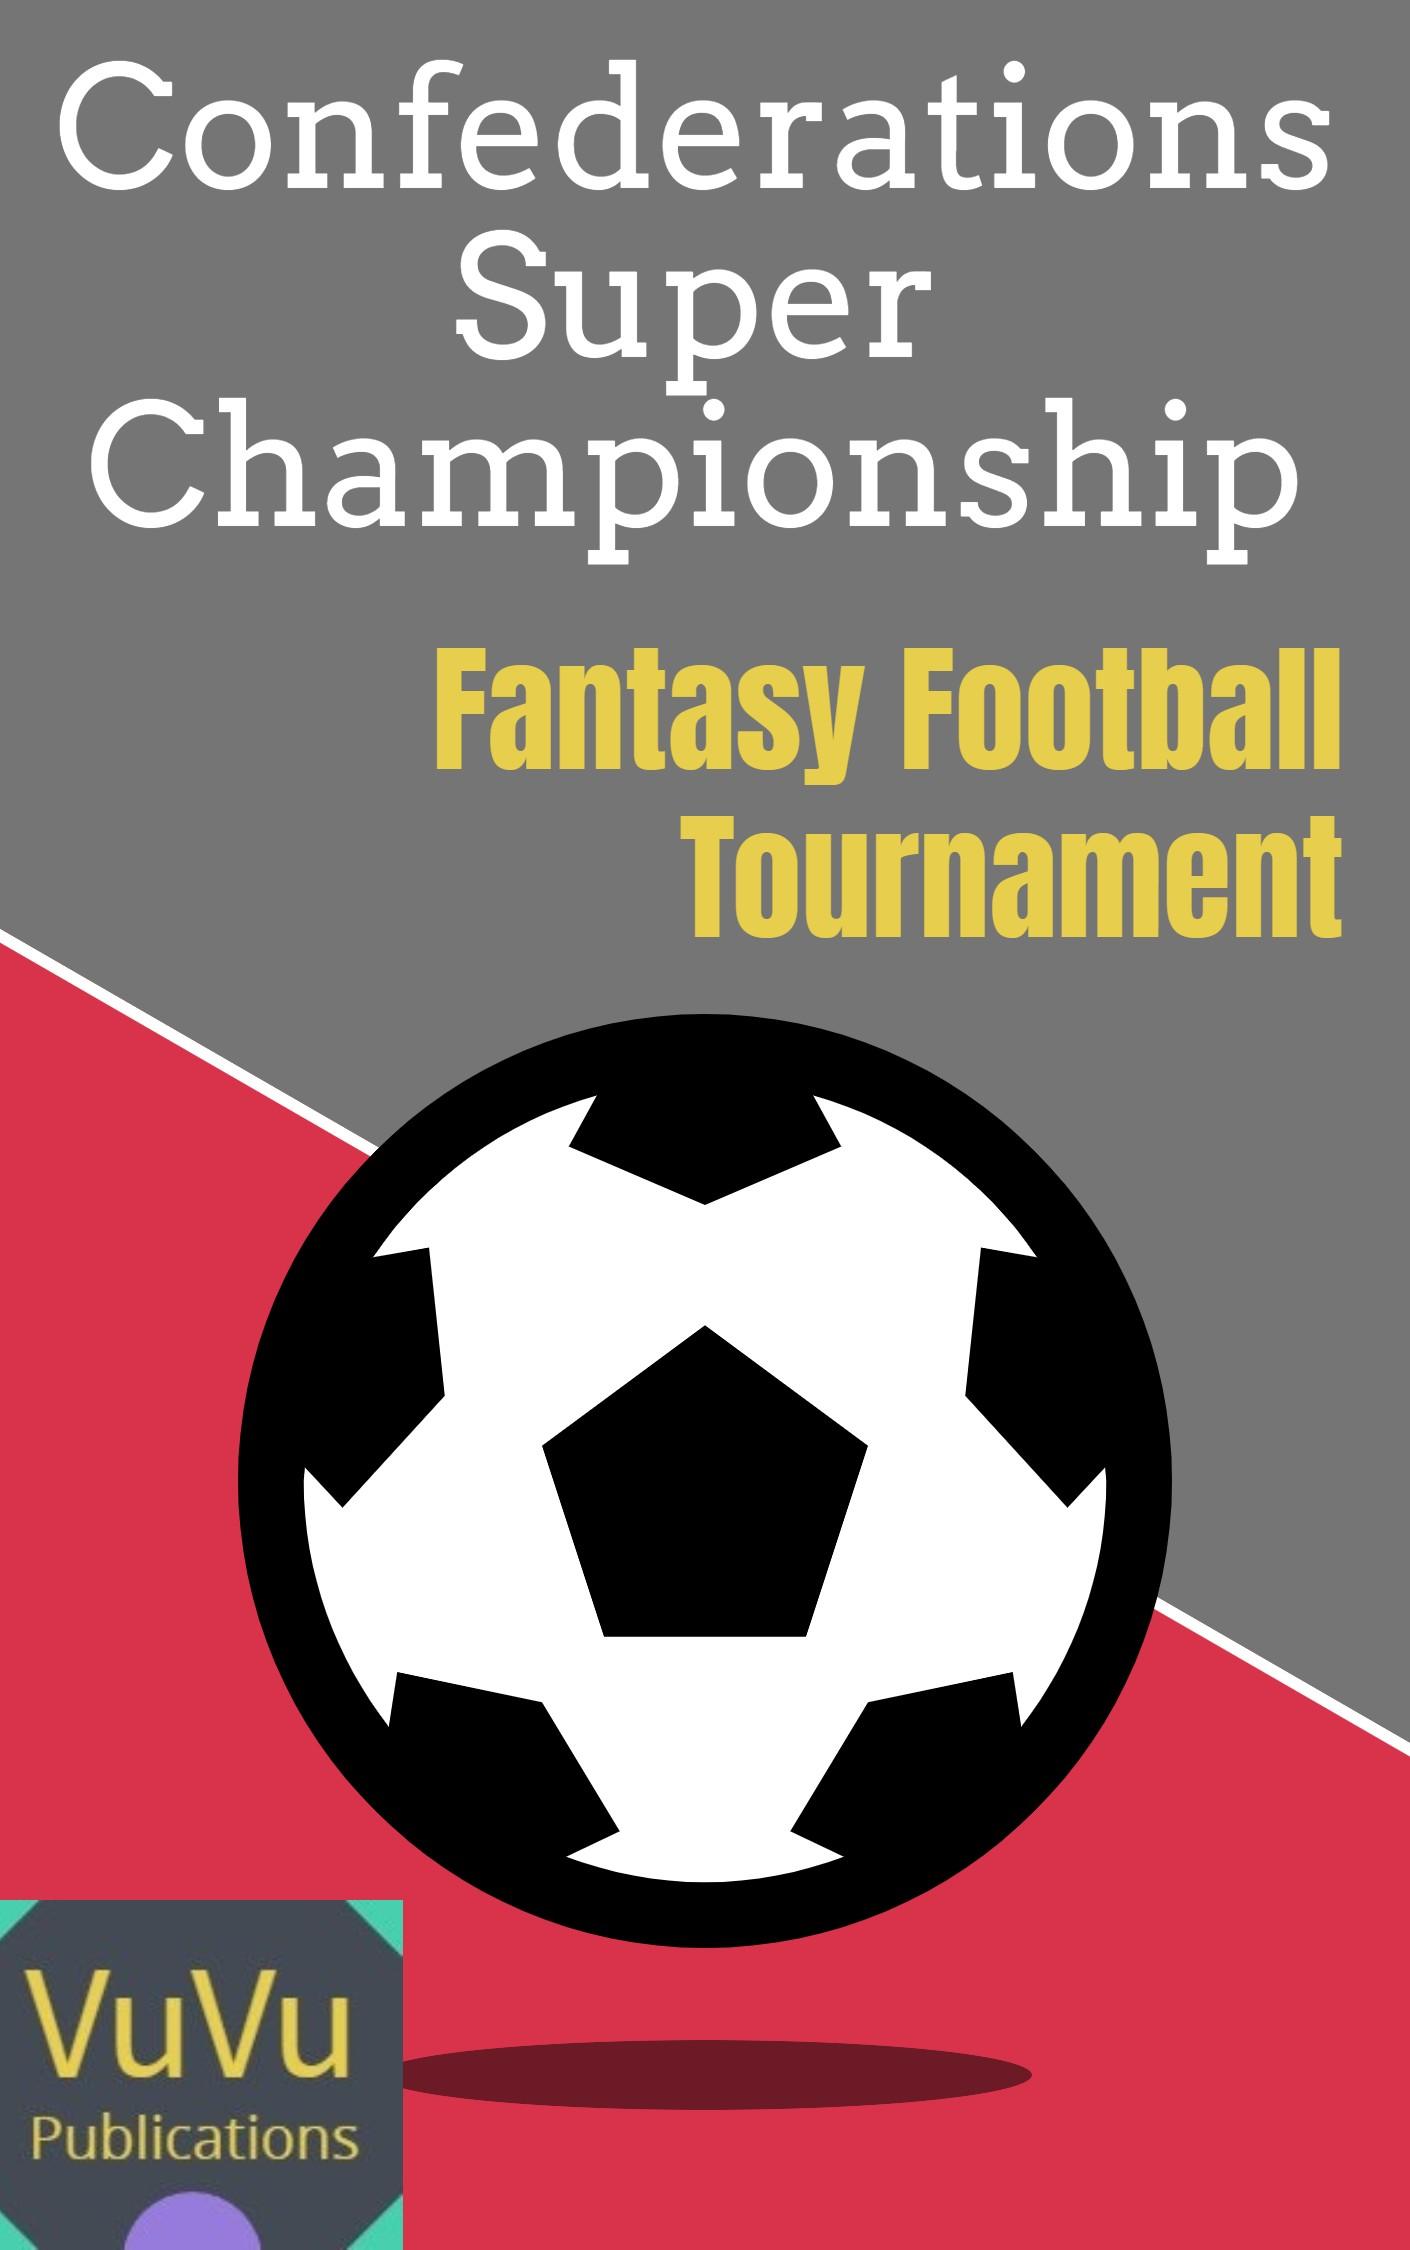 The-Confederations-Championship-copy